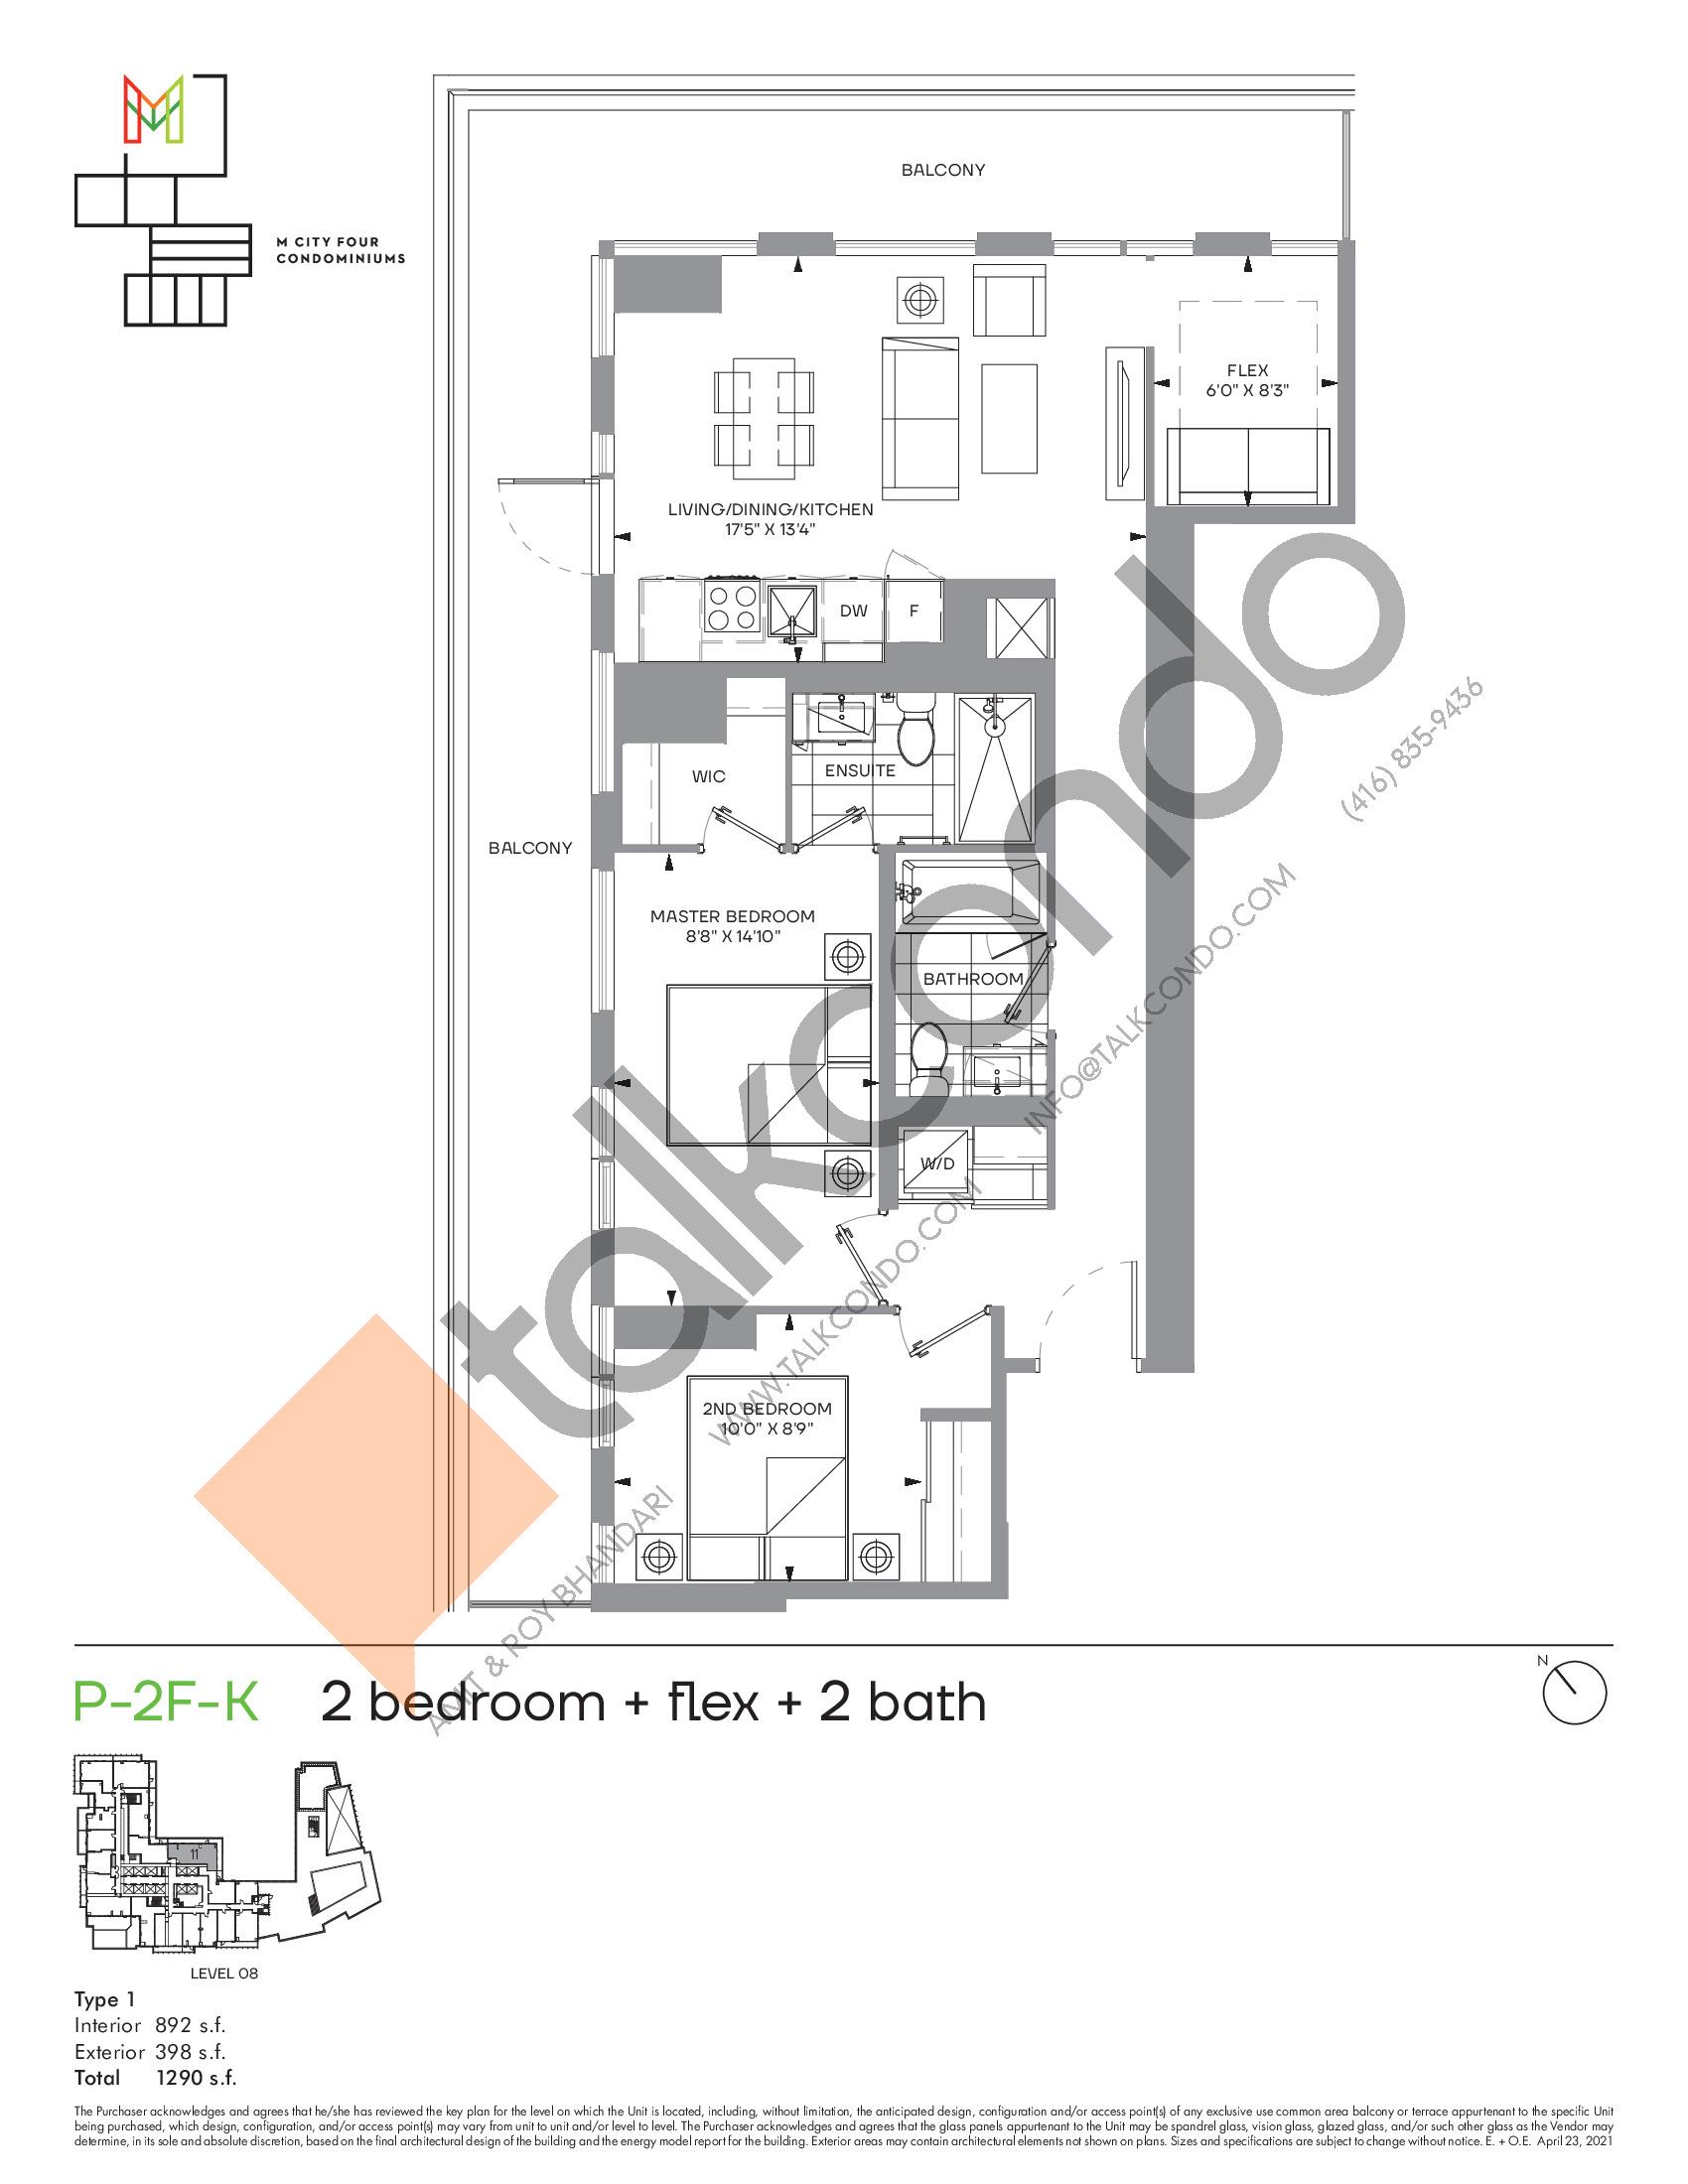 P-2F-K (Podium) Floor Plan at M4 Condos - 892 sq.ft